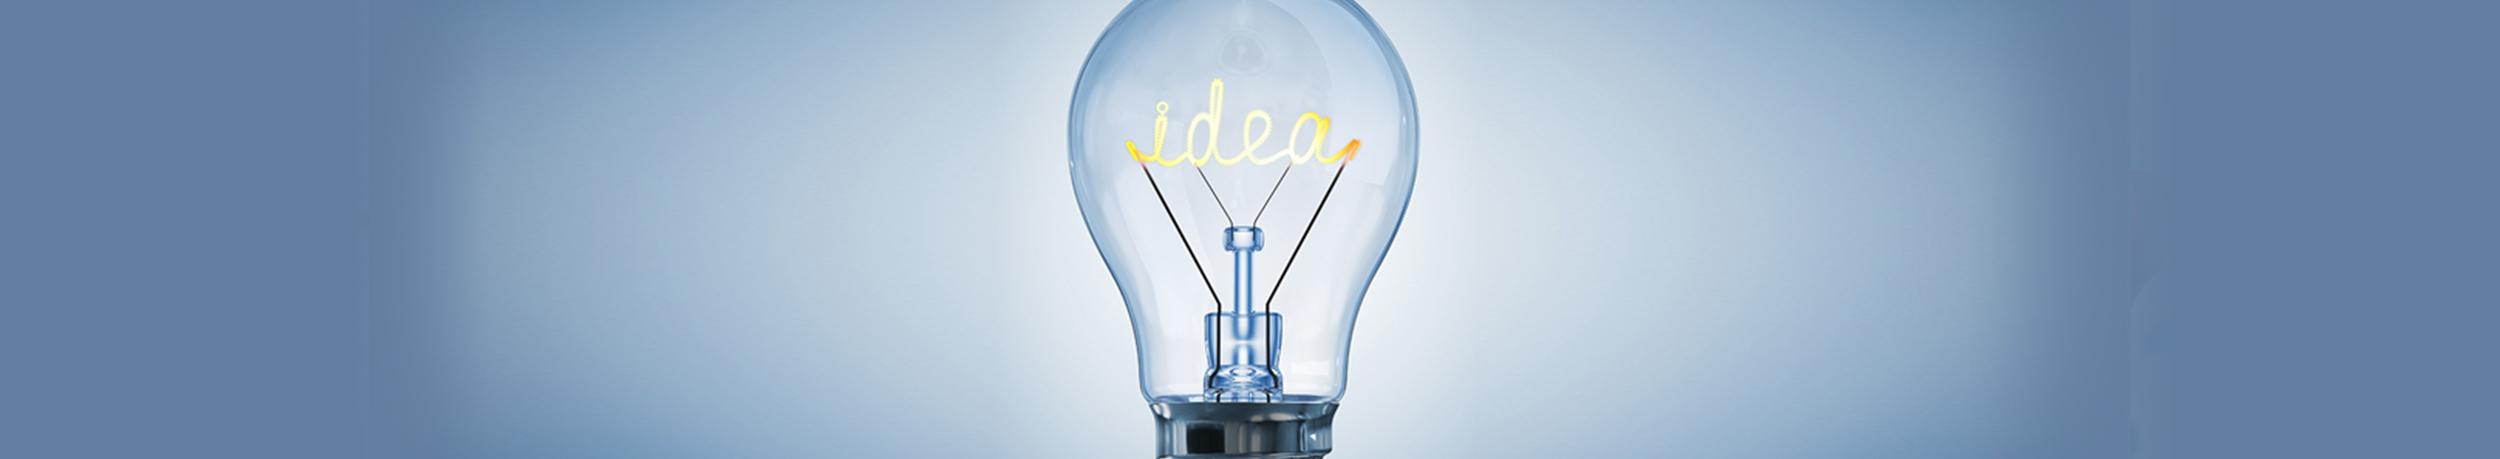 itvmedia-tv-programma-idee